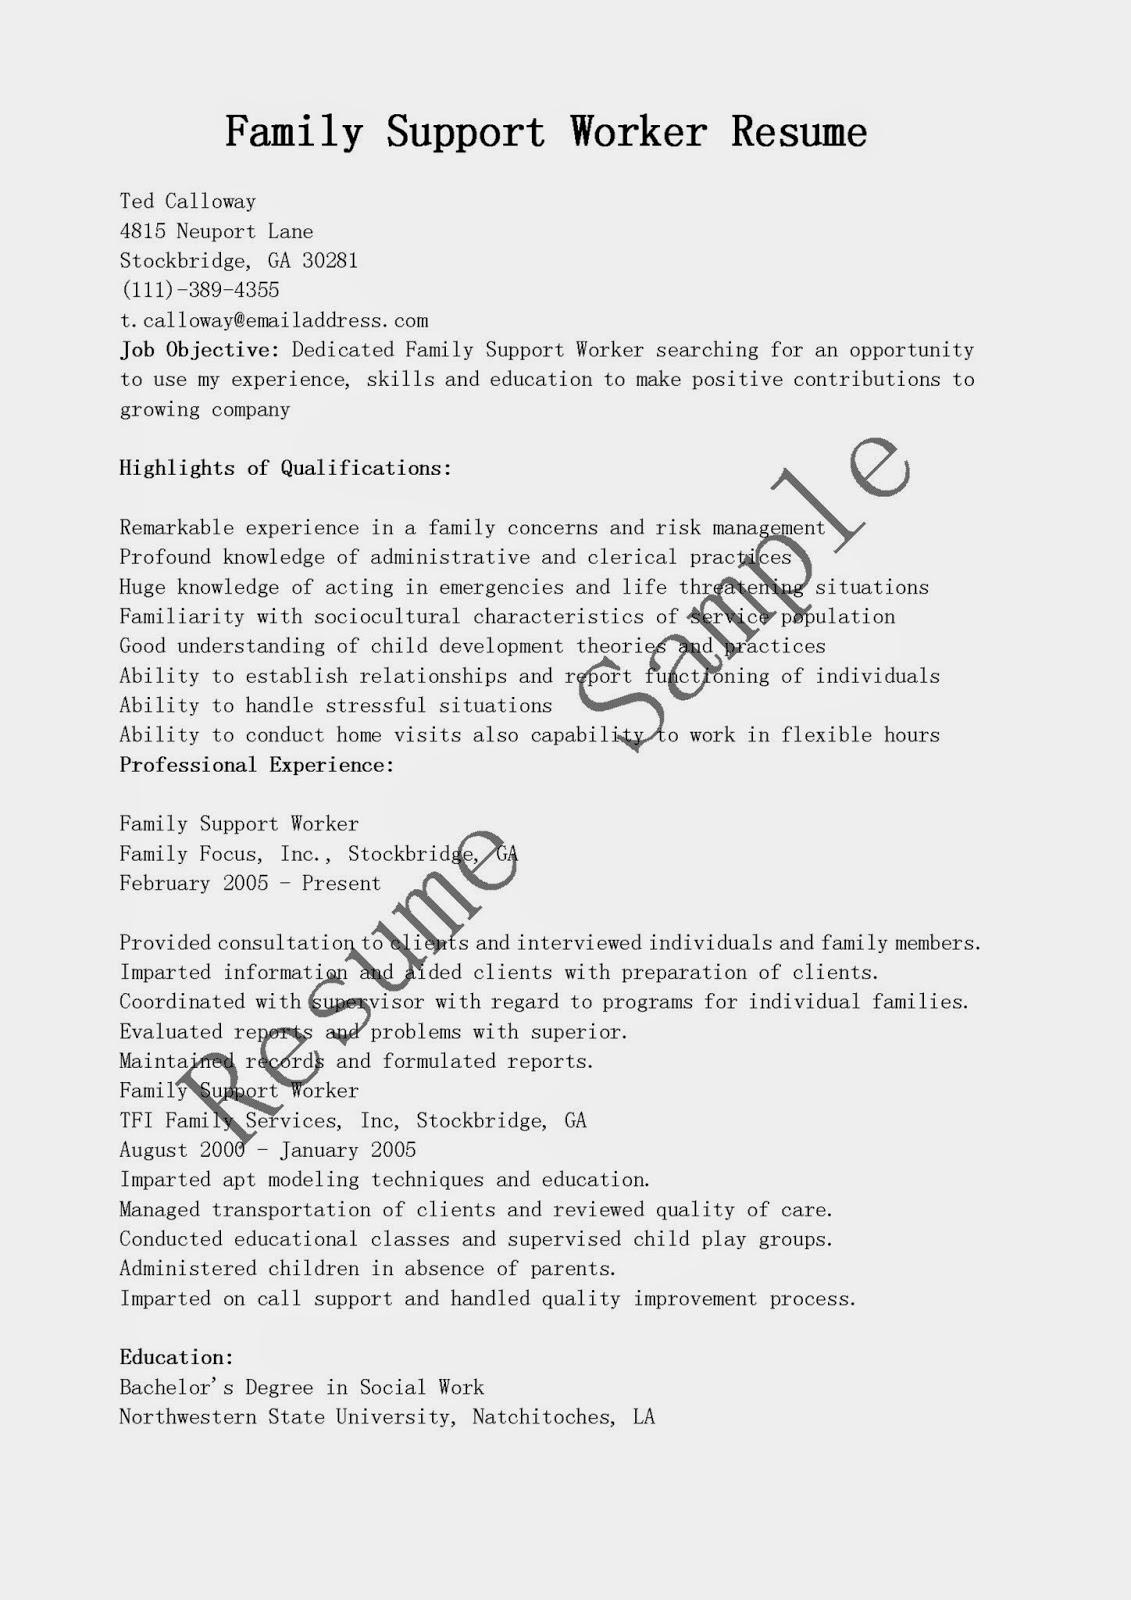 resume sles family support worker resume sle